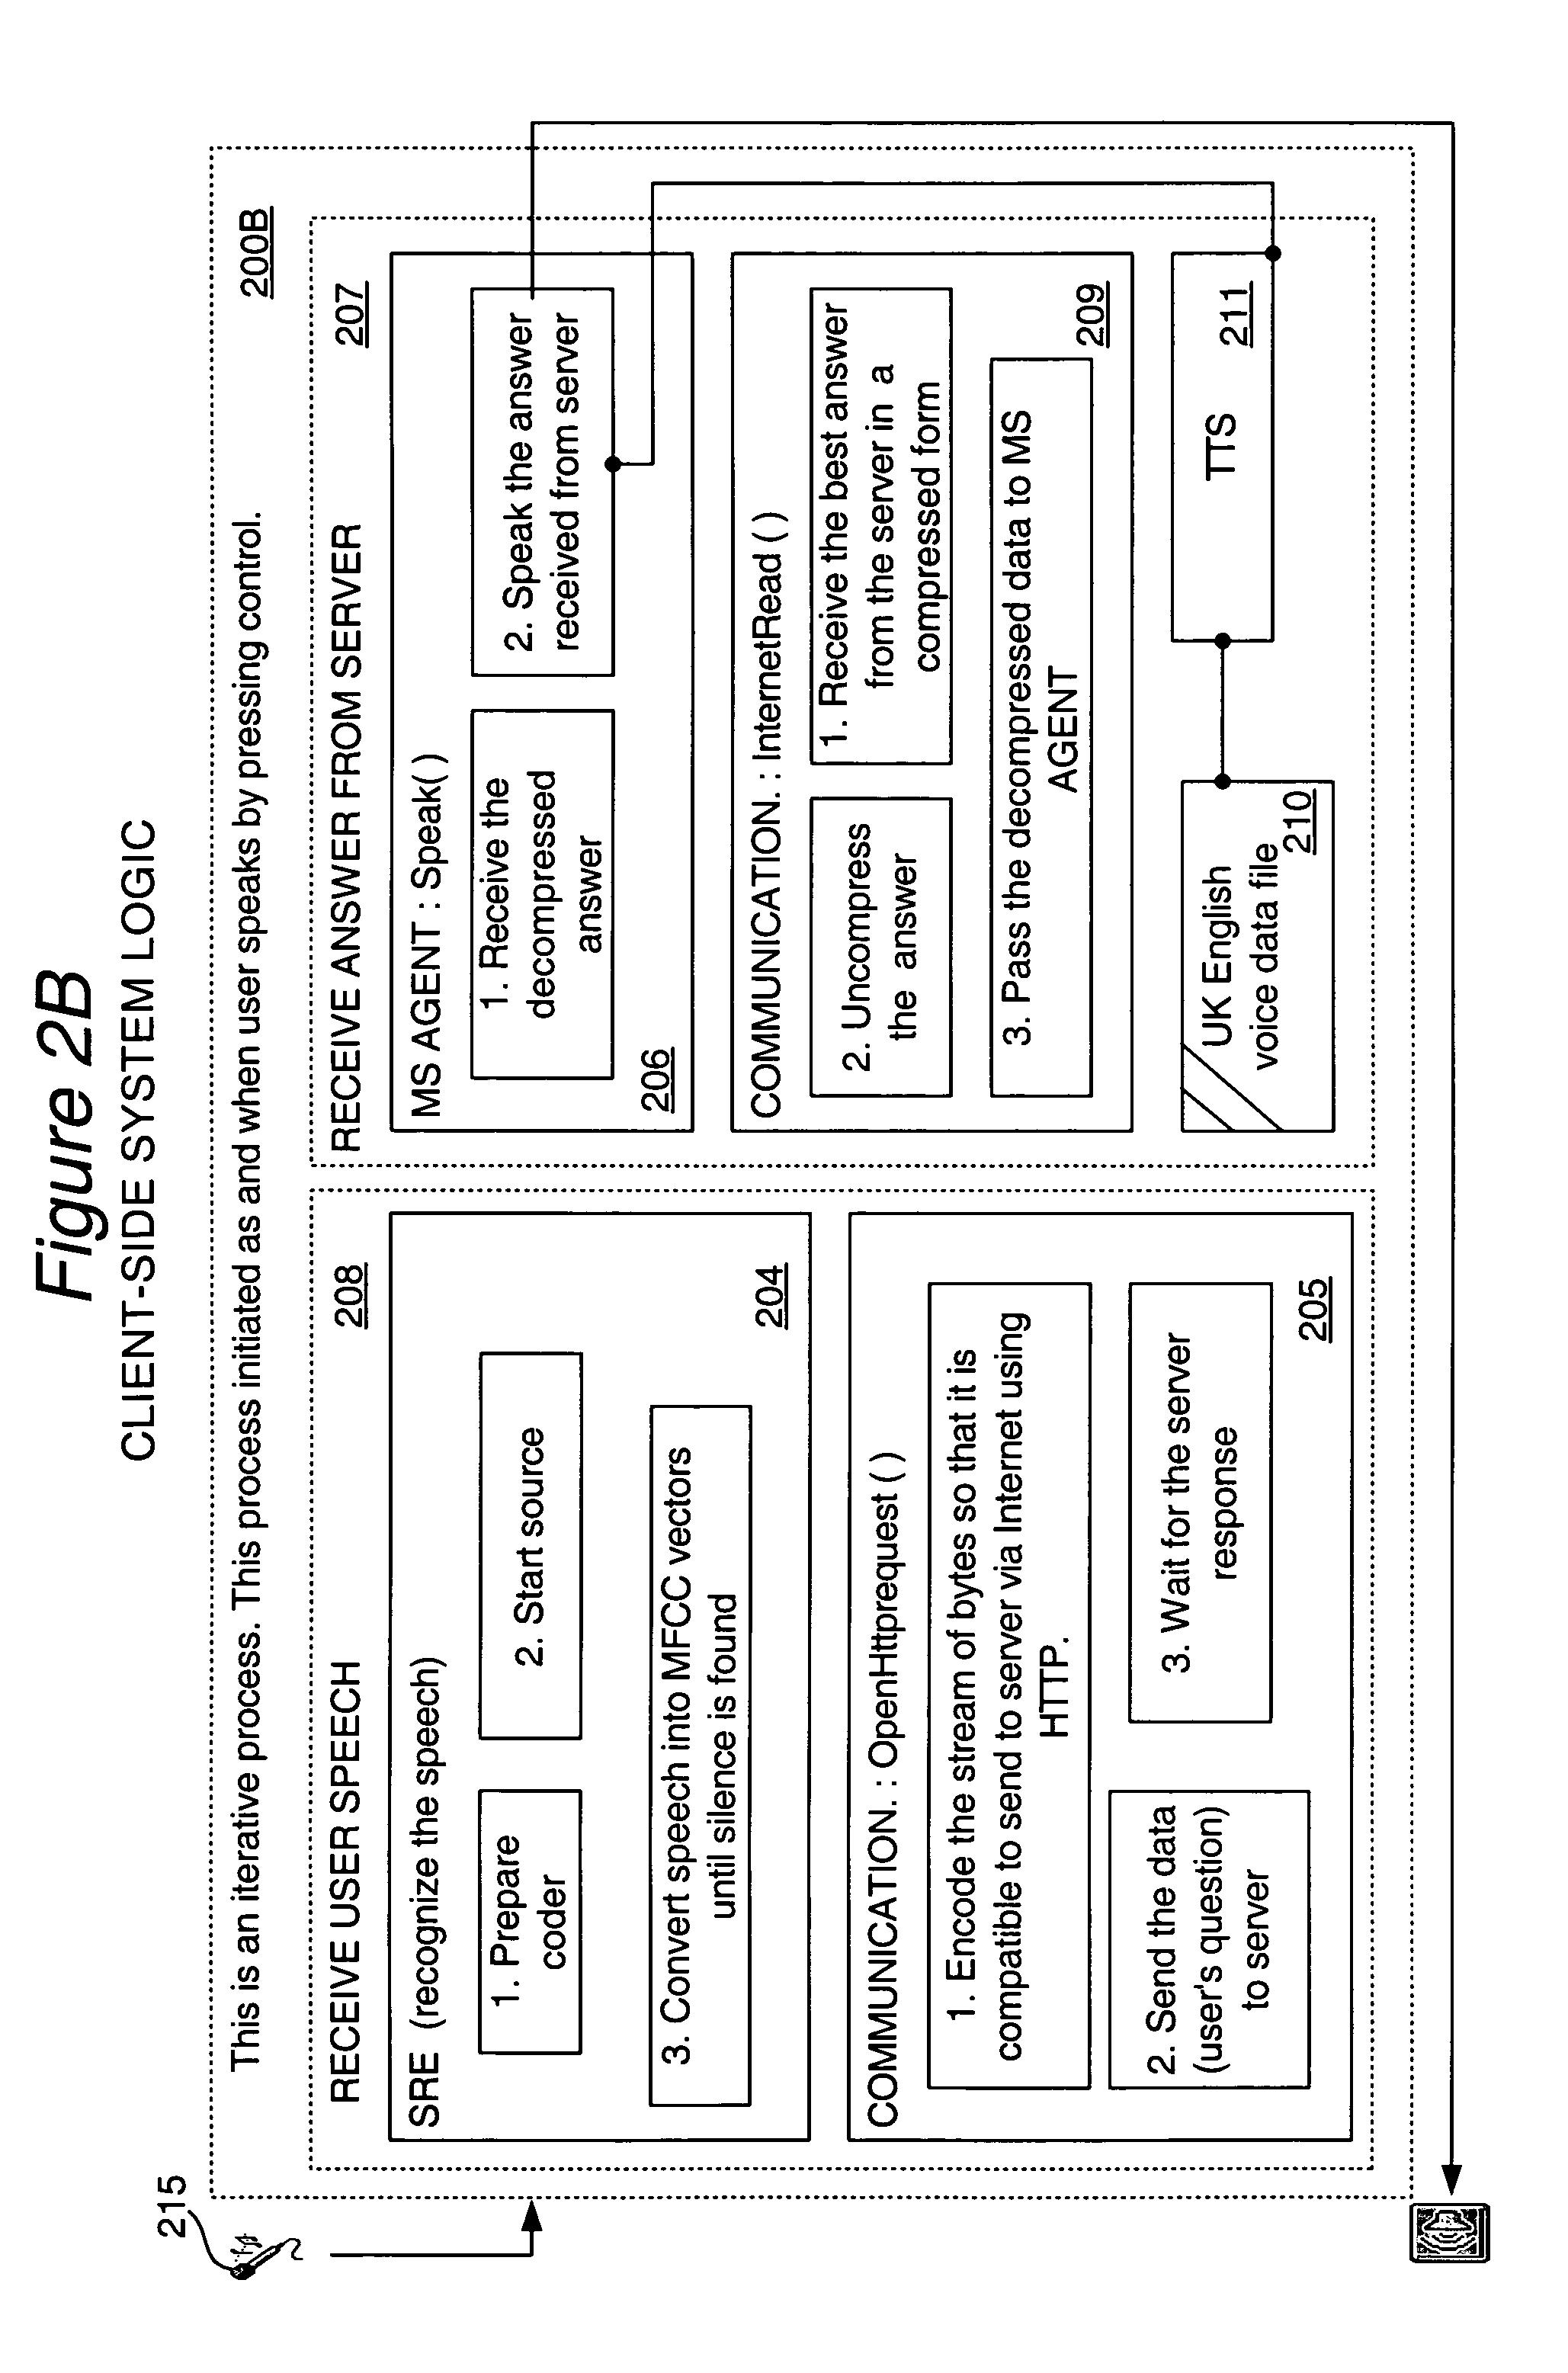 Disa Activation Code Generator